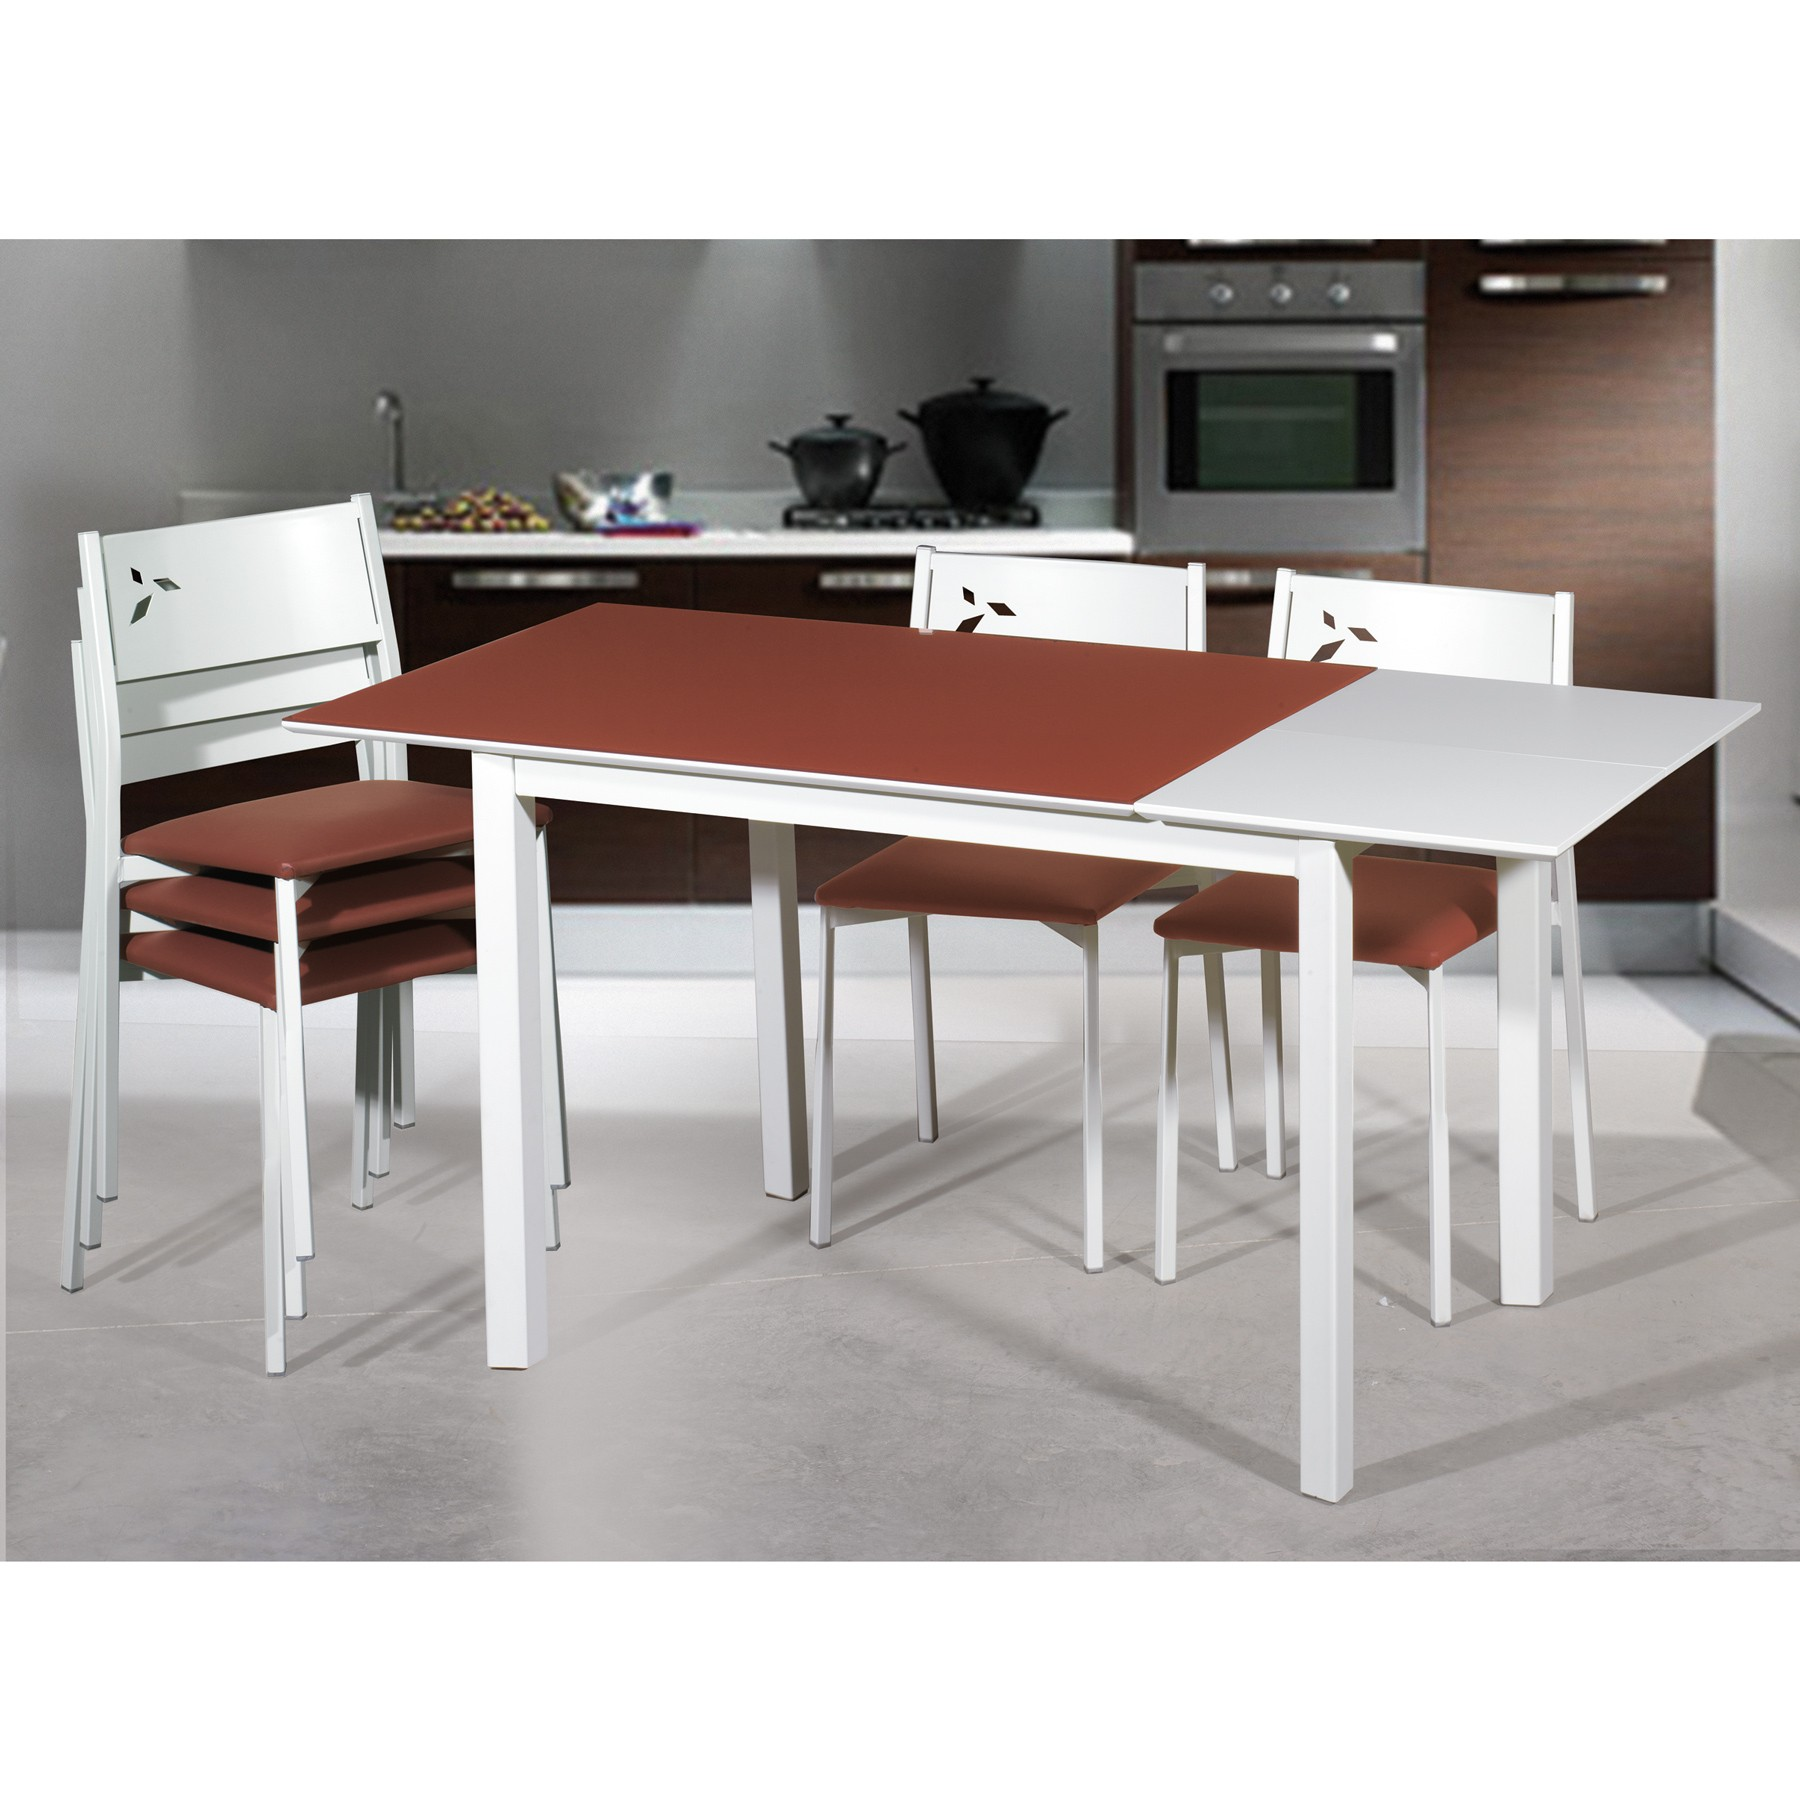 Oferta conjunto mesa y sillas de cocina blancas white - Mesa cocina con sillas ...